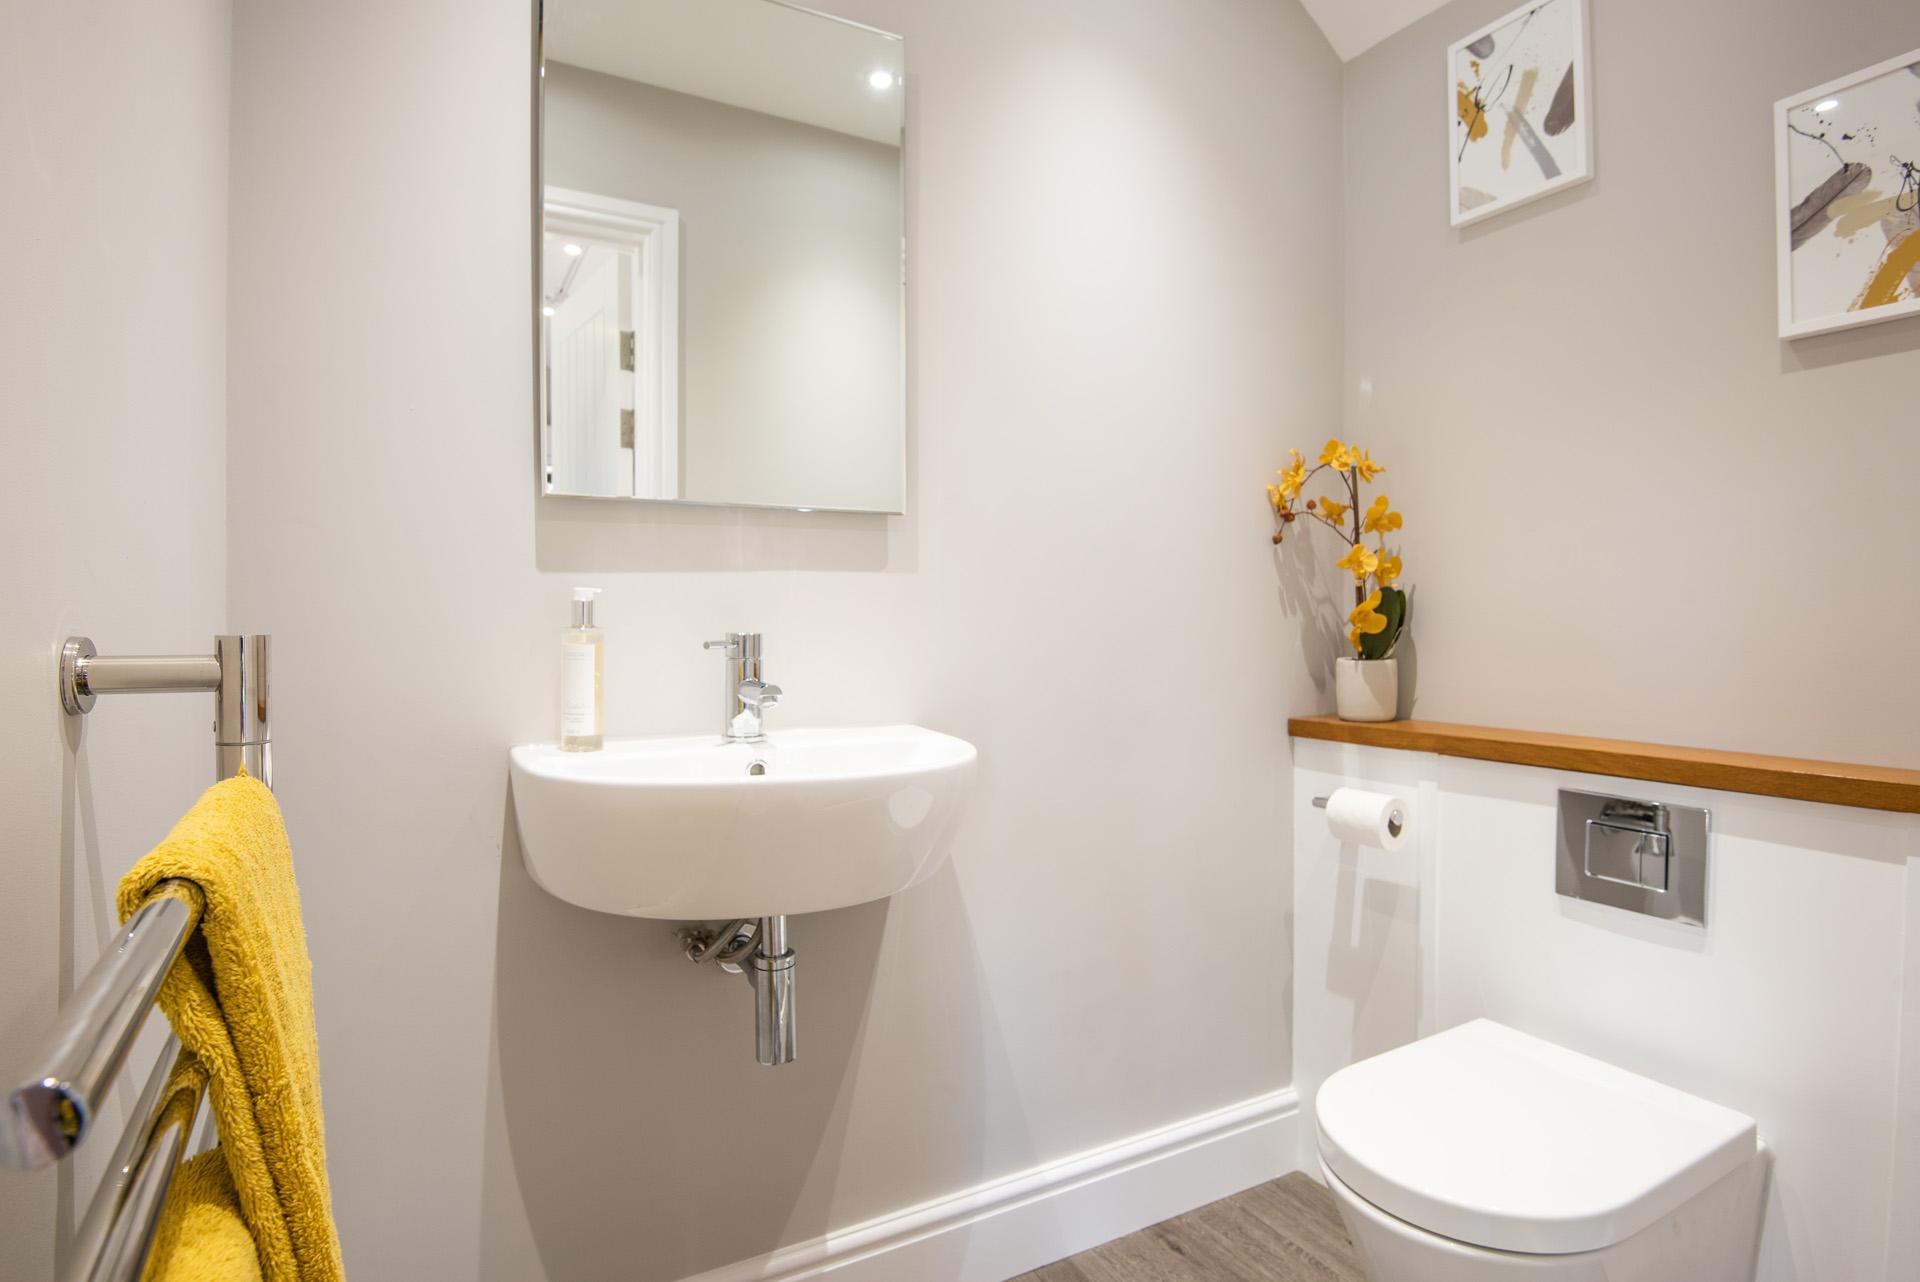 Contemporary garden room bathroom in Essex.